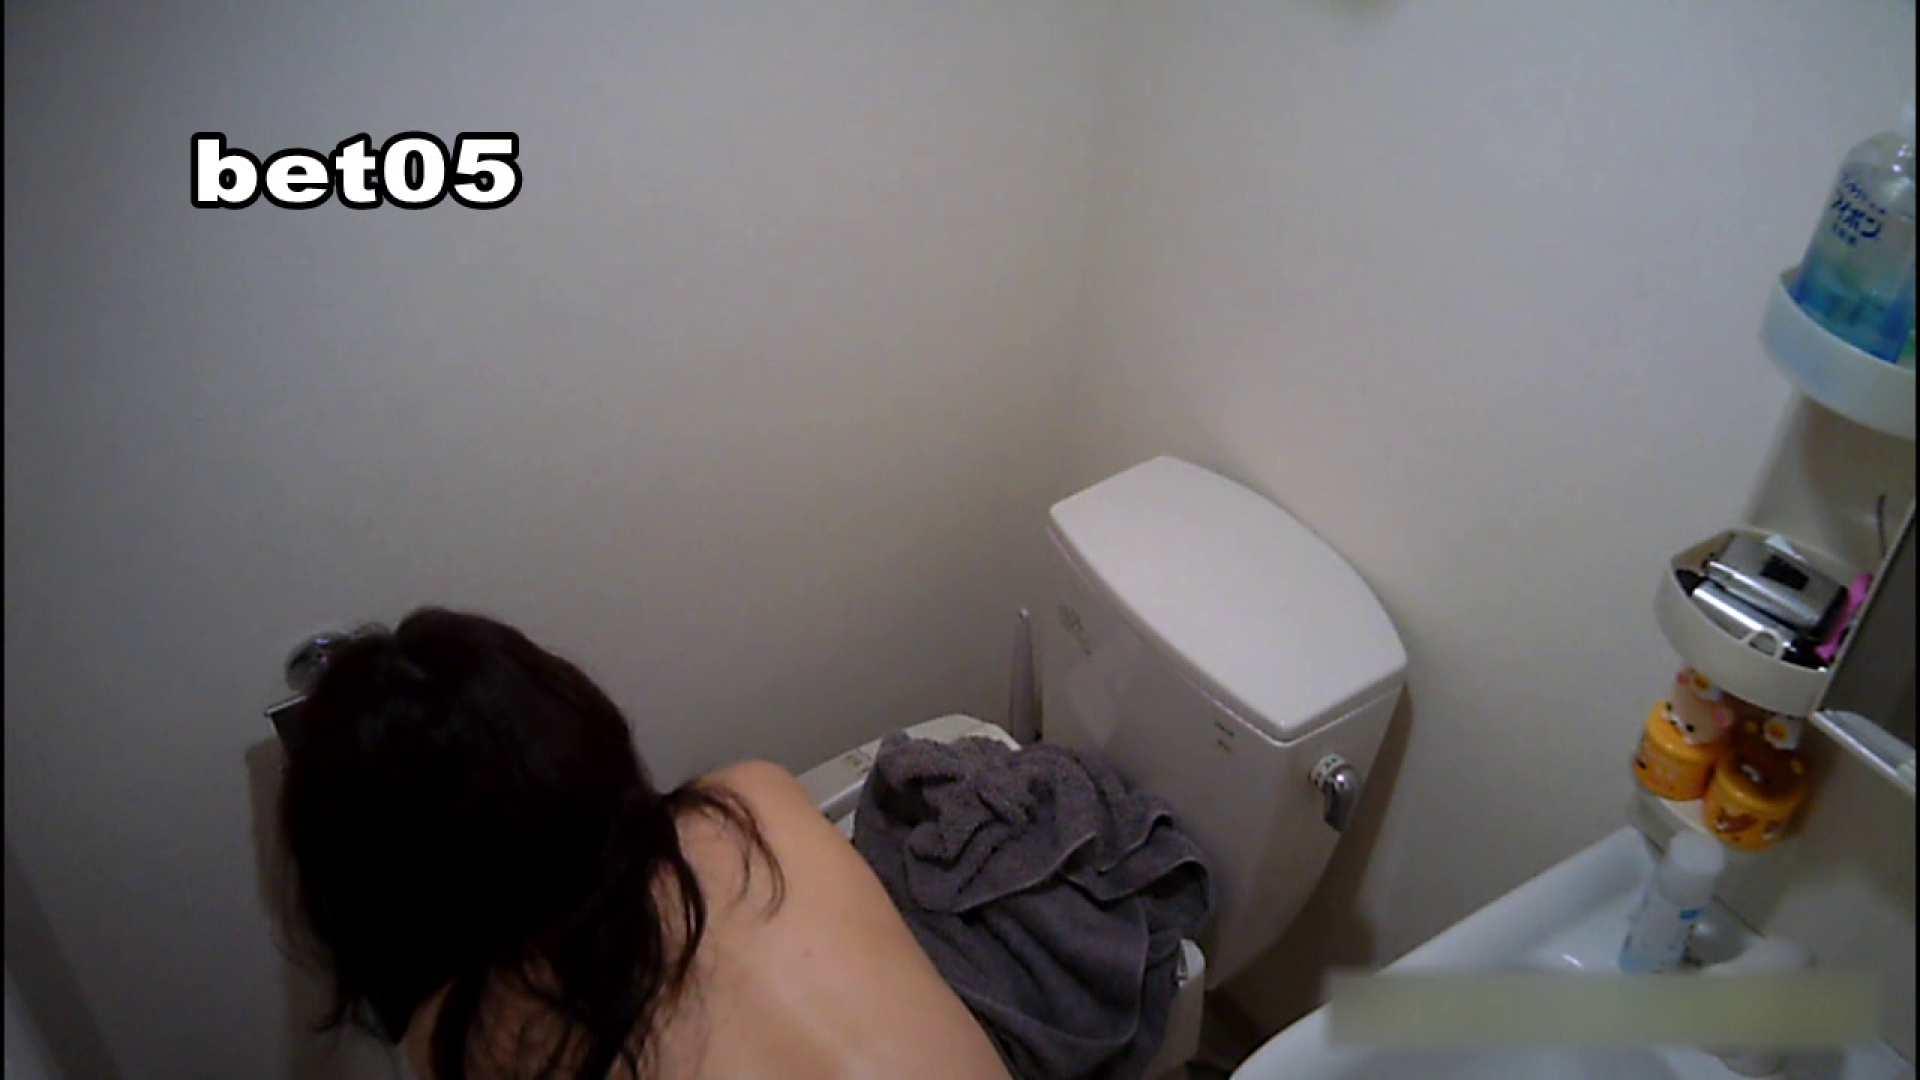 ミキ・大手旅行代理店勤務(24歳・仮名) vol.05 オマケで全裸洗面所も公開 リベンジ  100PIX 33